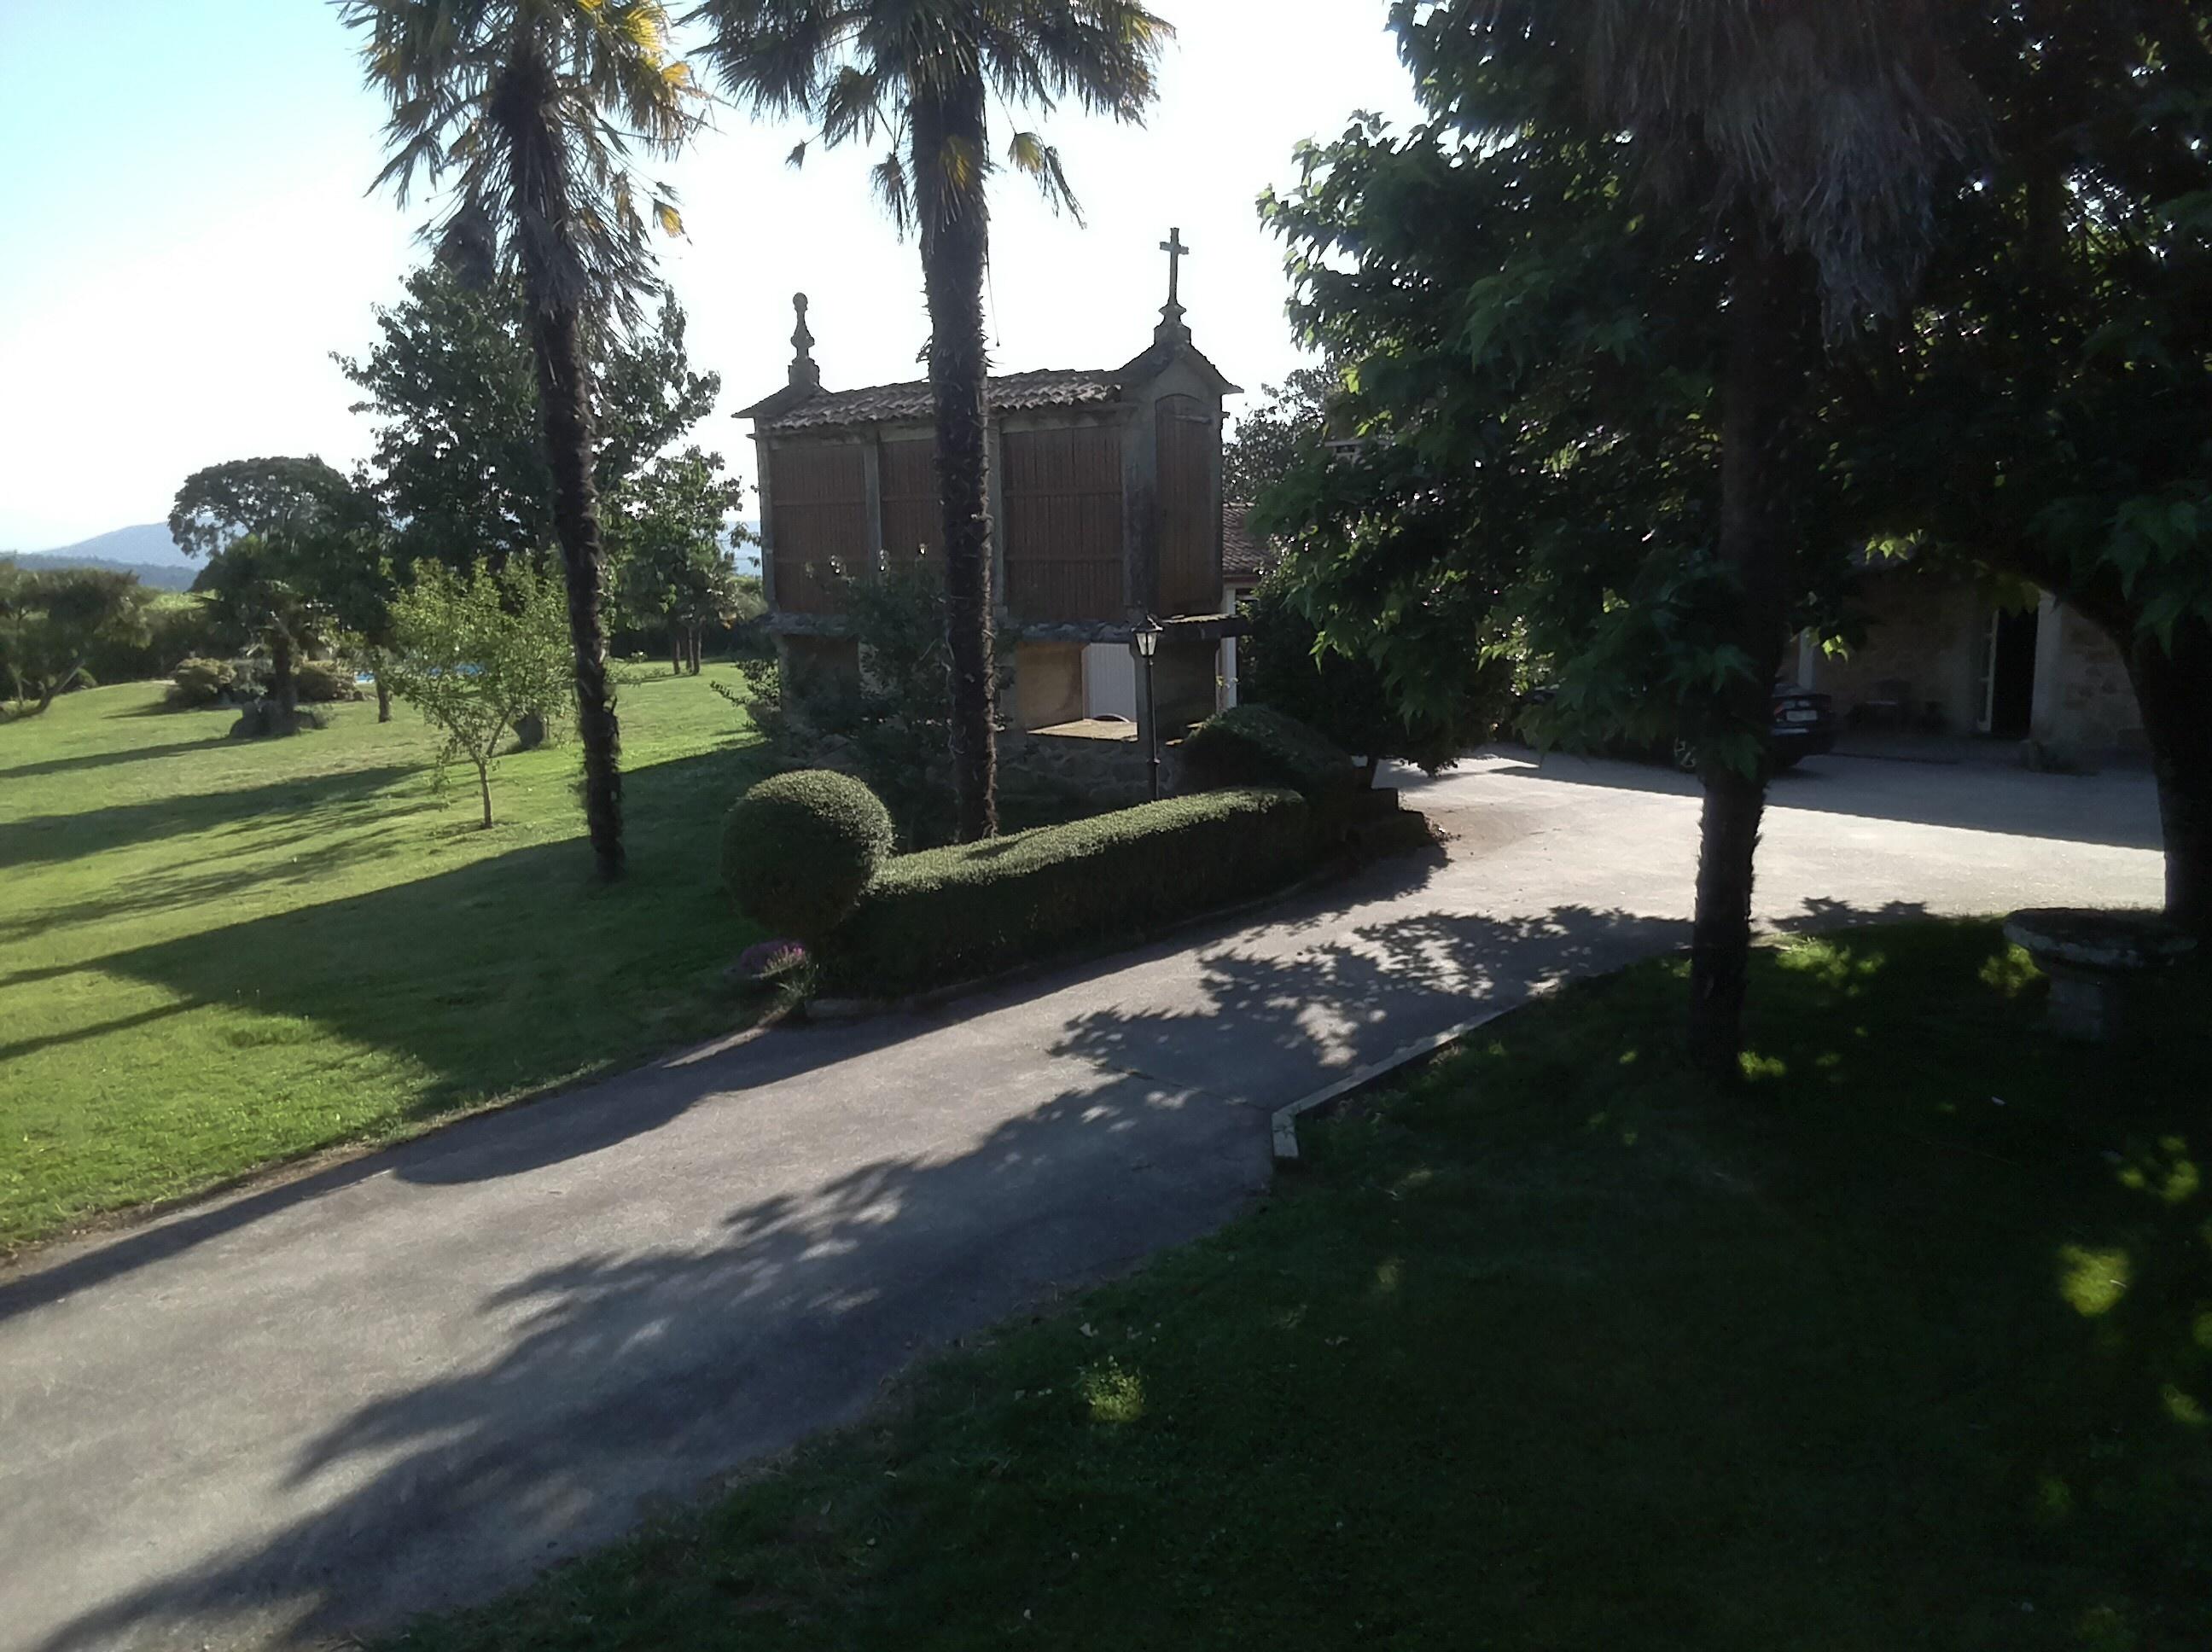 pista entrada a la casa dentro de la propiedad